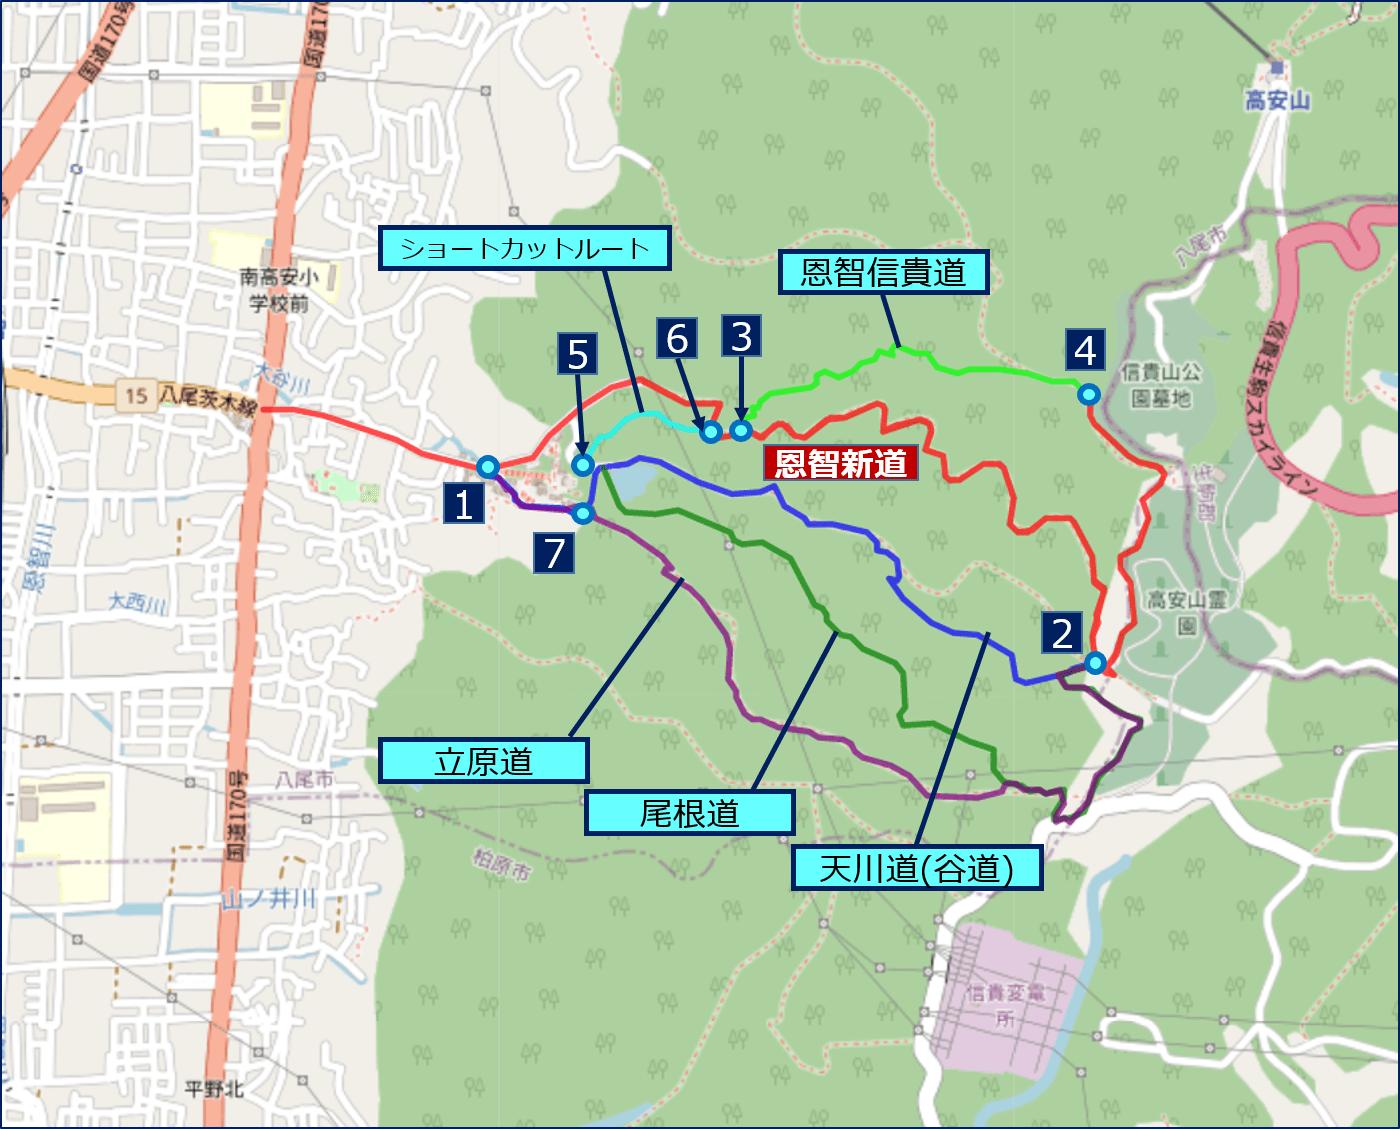 恩智越えのルートには、【恩智新道】と呼ばれる本線(赤色のルート)以外に、4つの【代替裏ルート】と【ショートカット】ルートがある